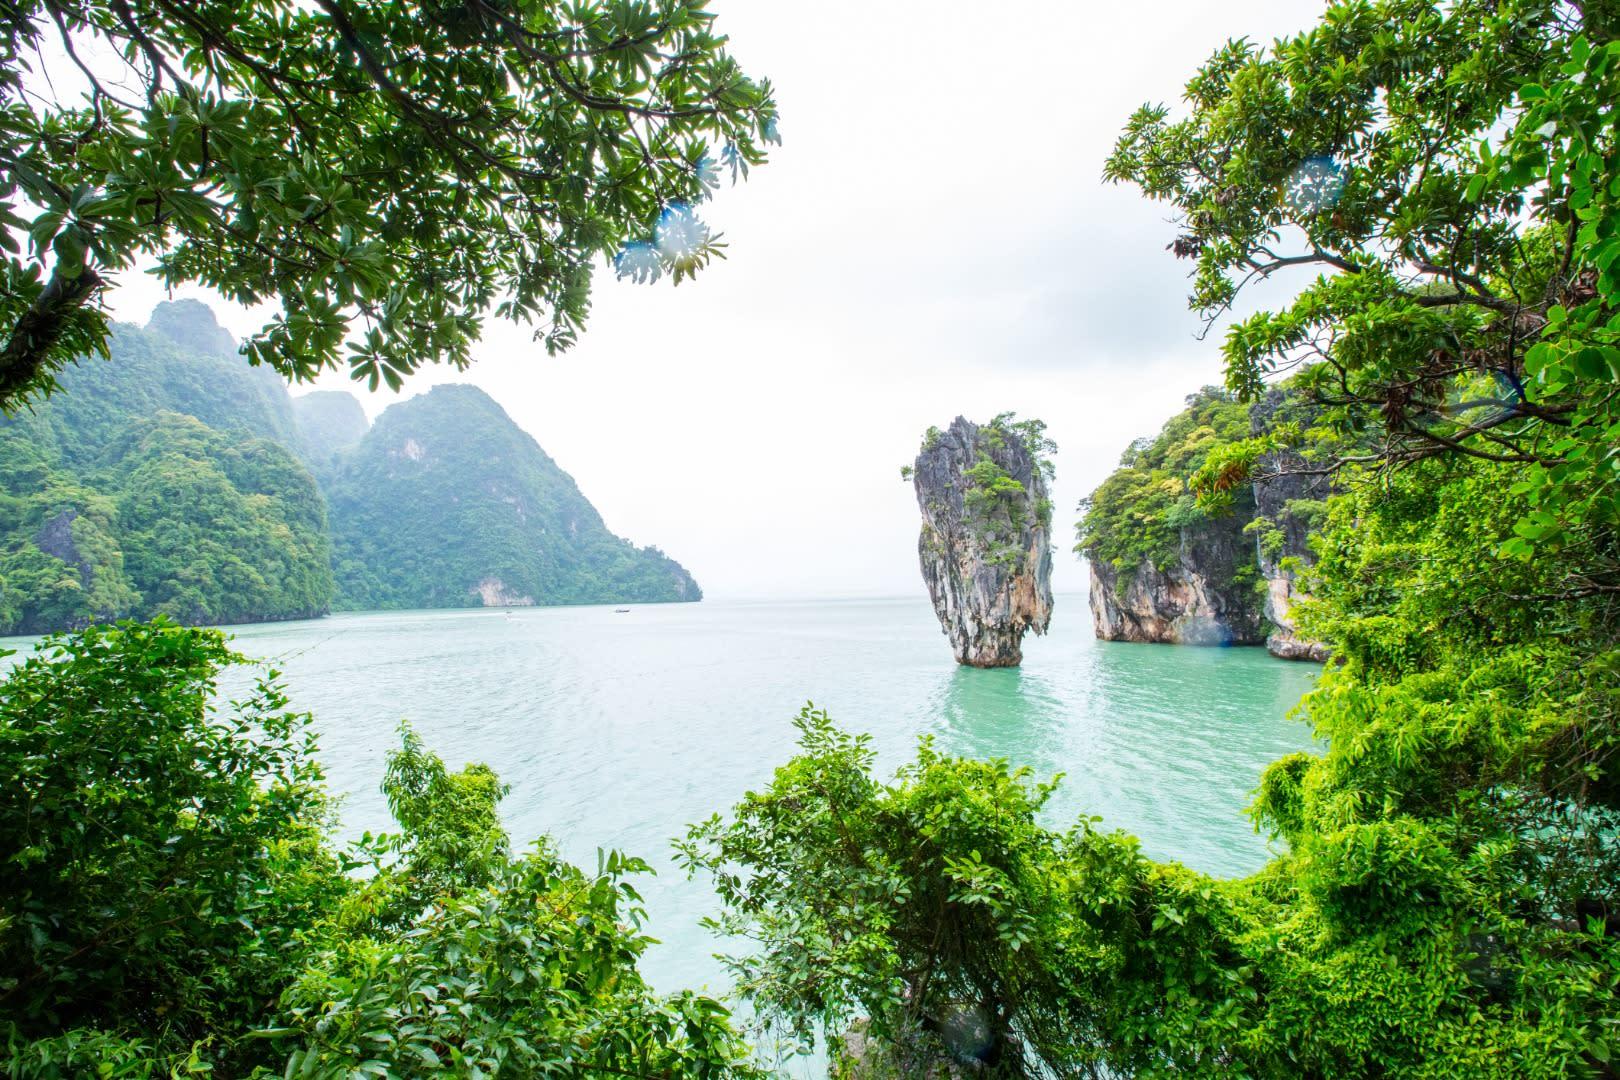 【泰國旅行】除了玩水還有什麼?嚴選布吉必去熱門景點 - Klook Travel Blog